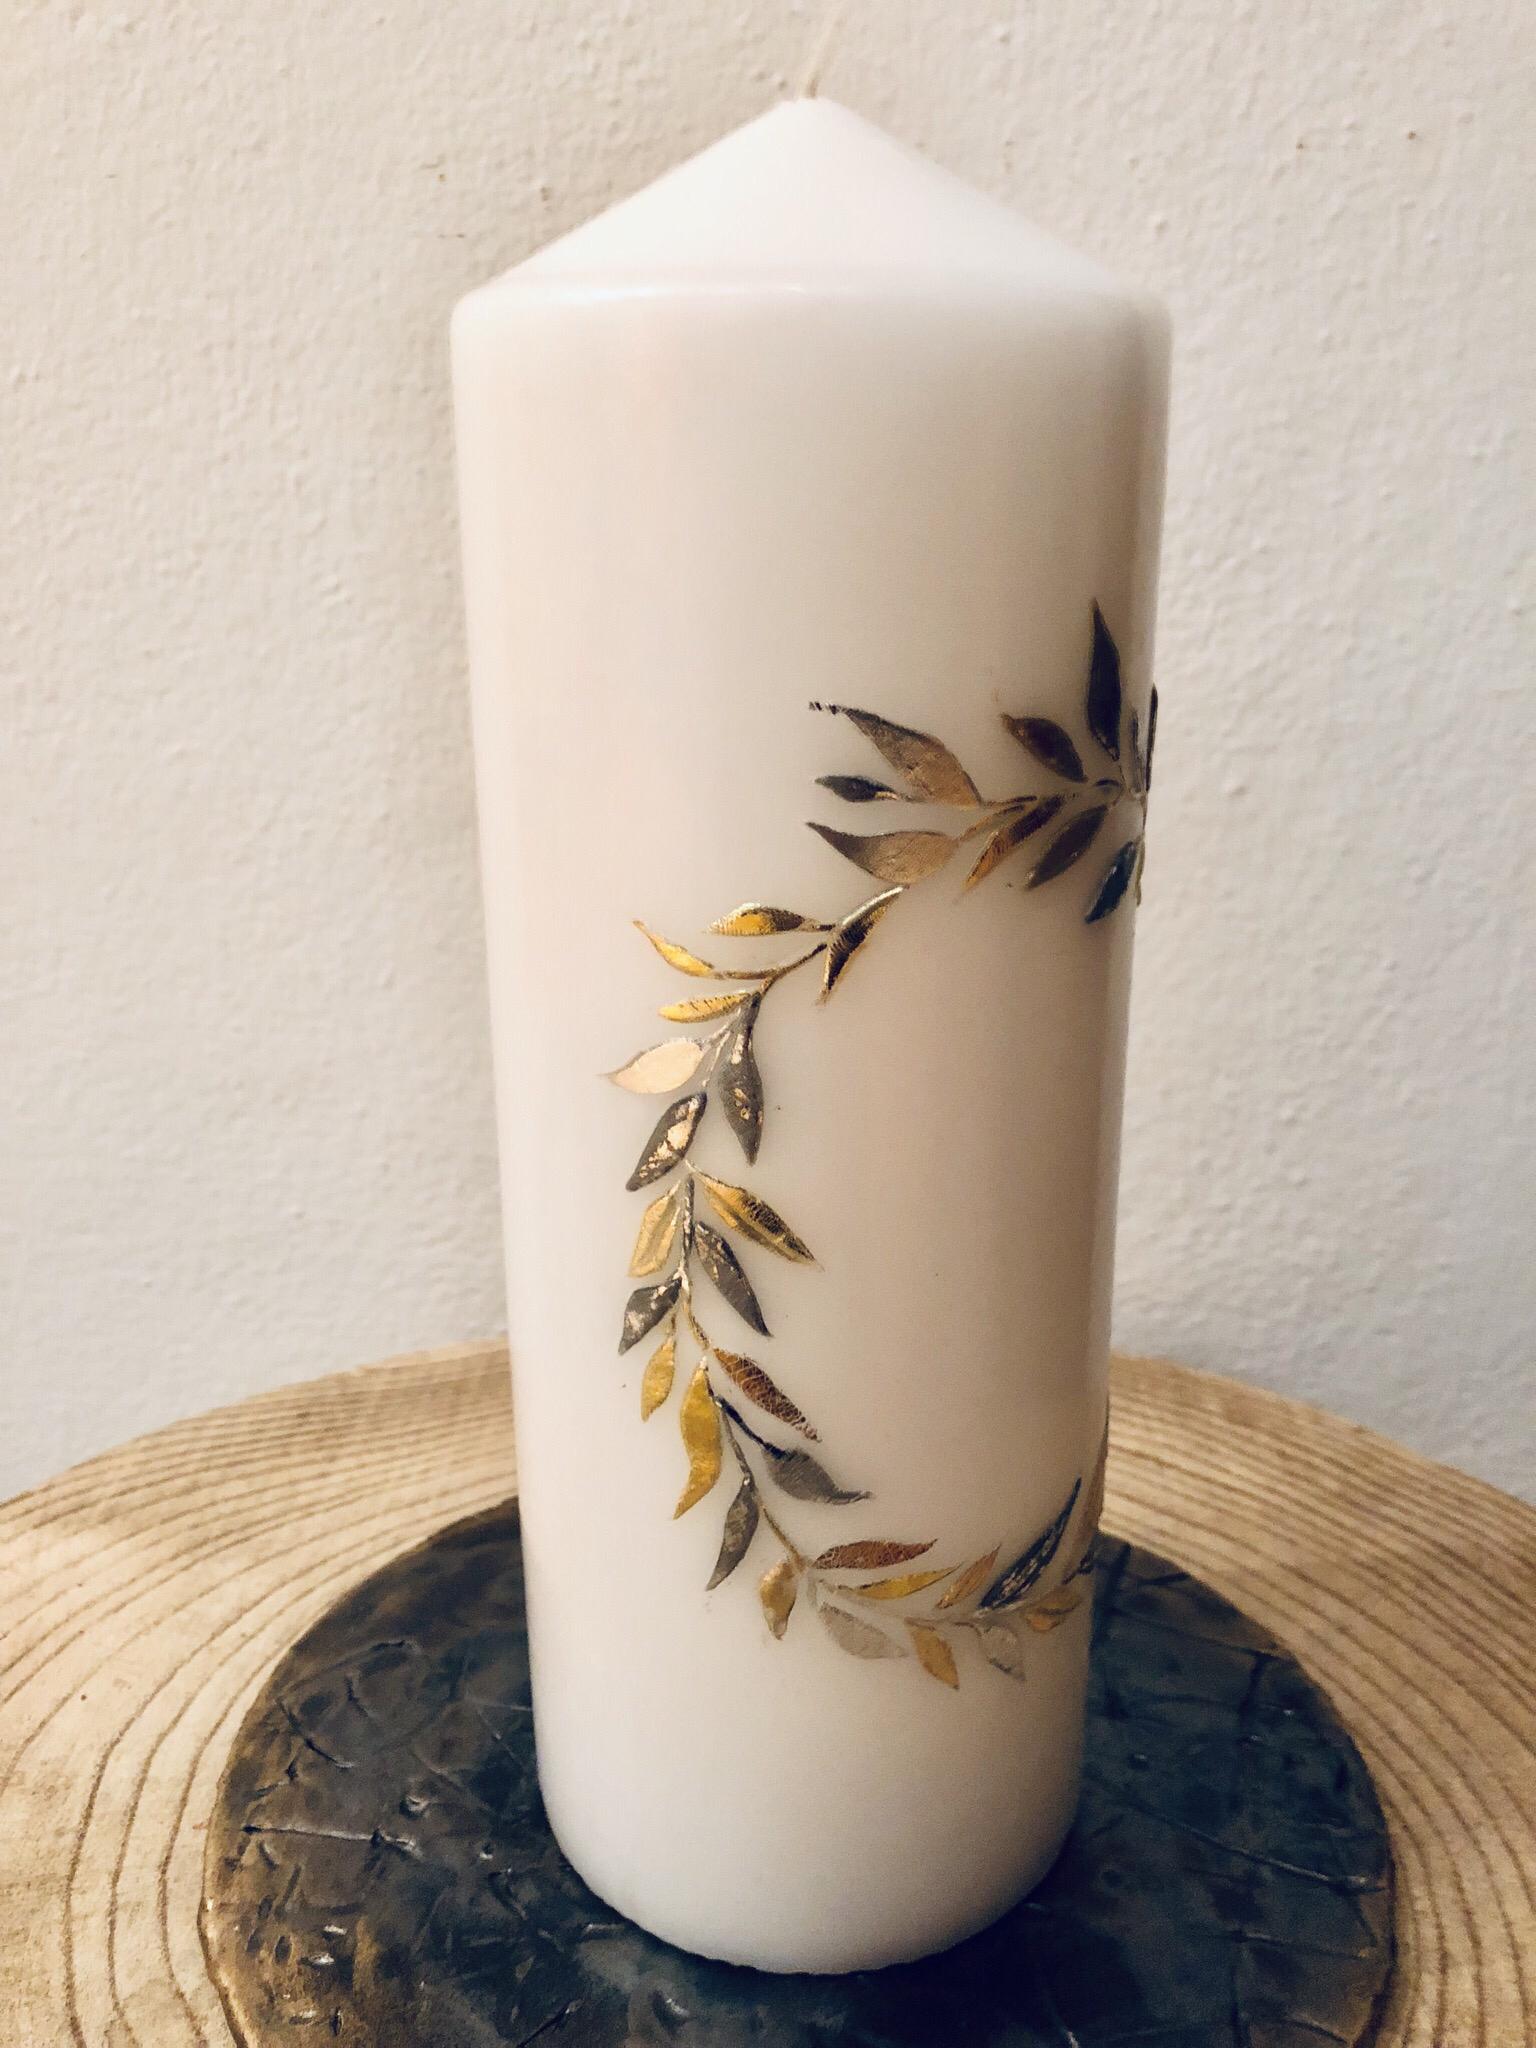 Kerze rund, weiß getaucht, mit Blätterkranz, silber/gold, Wachs und Blattmetall, kann mit weiteren Verzierelementen  (Perlen, Swarovskikristallen etc.) versehen werden - gravierfähig